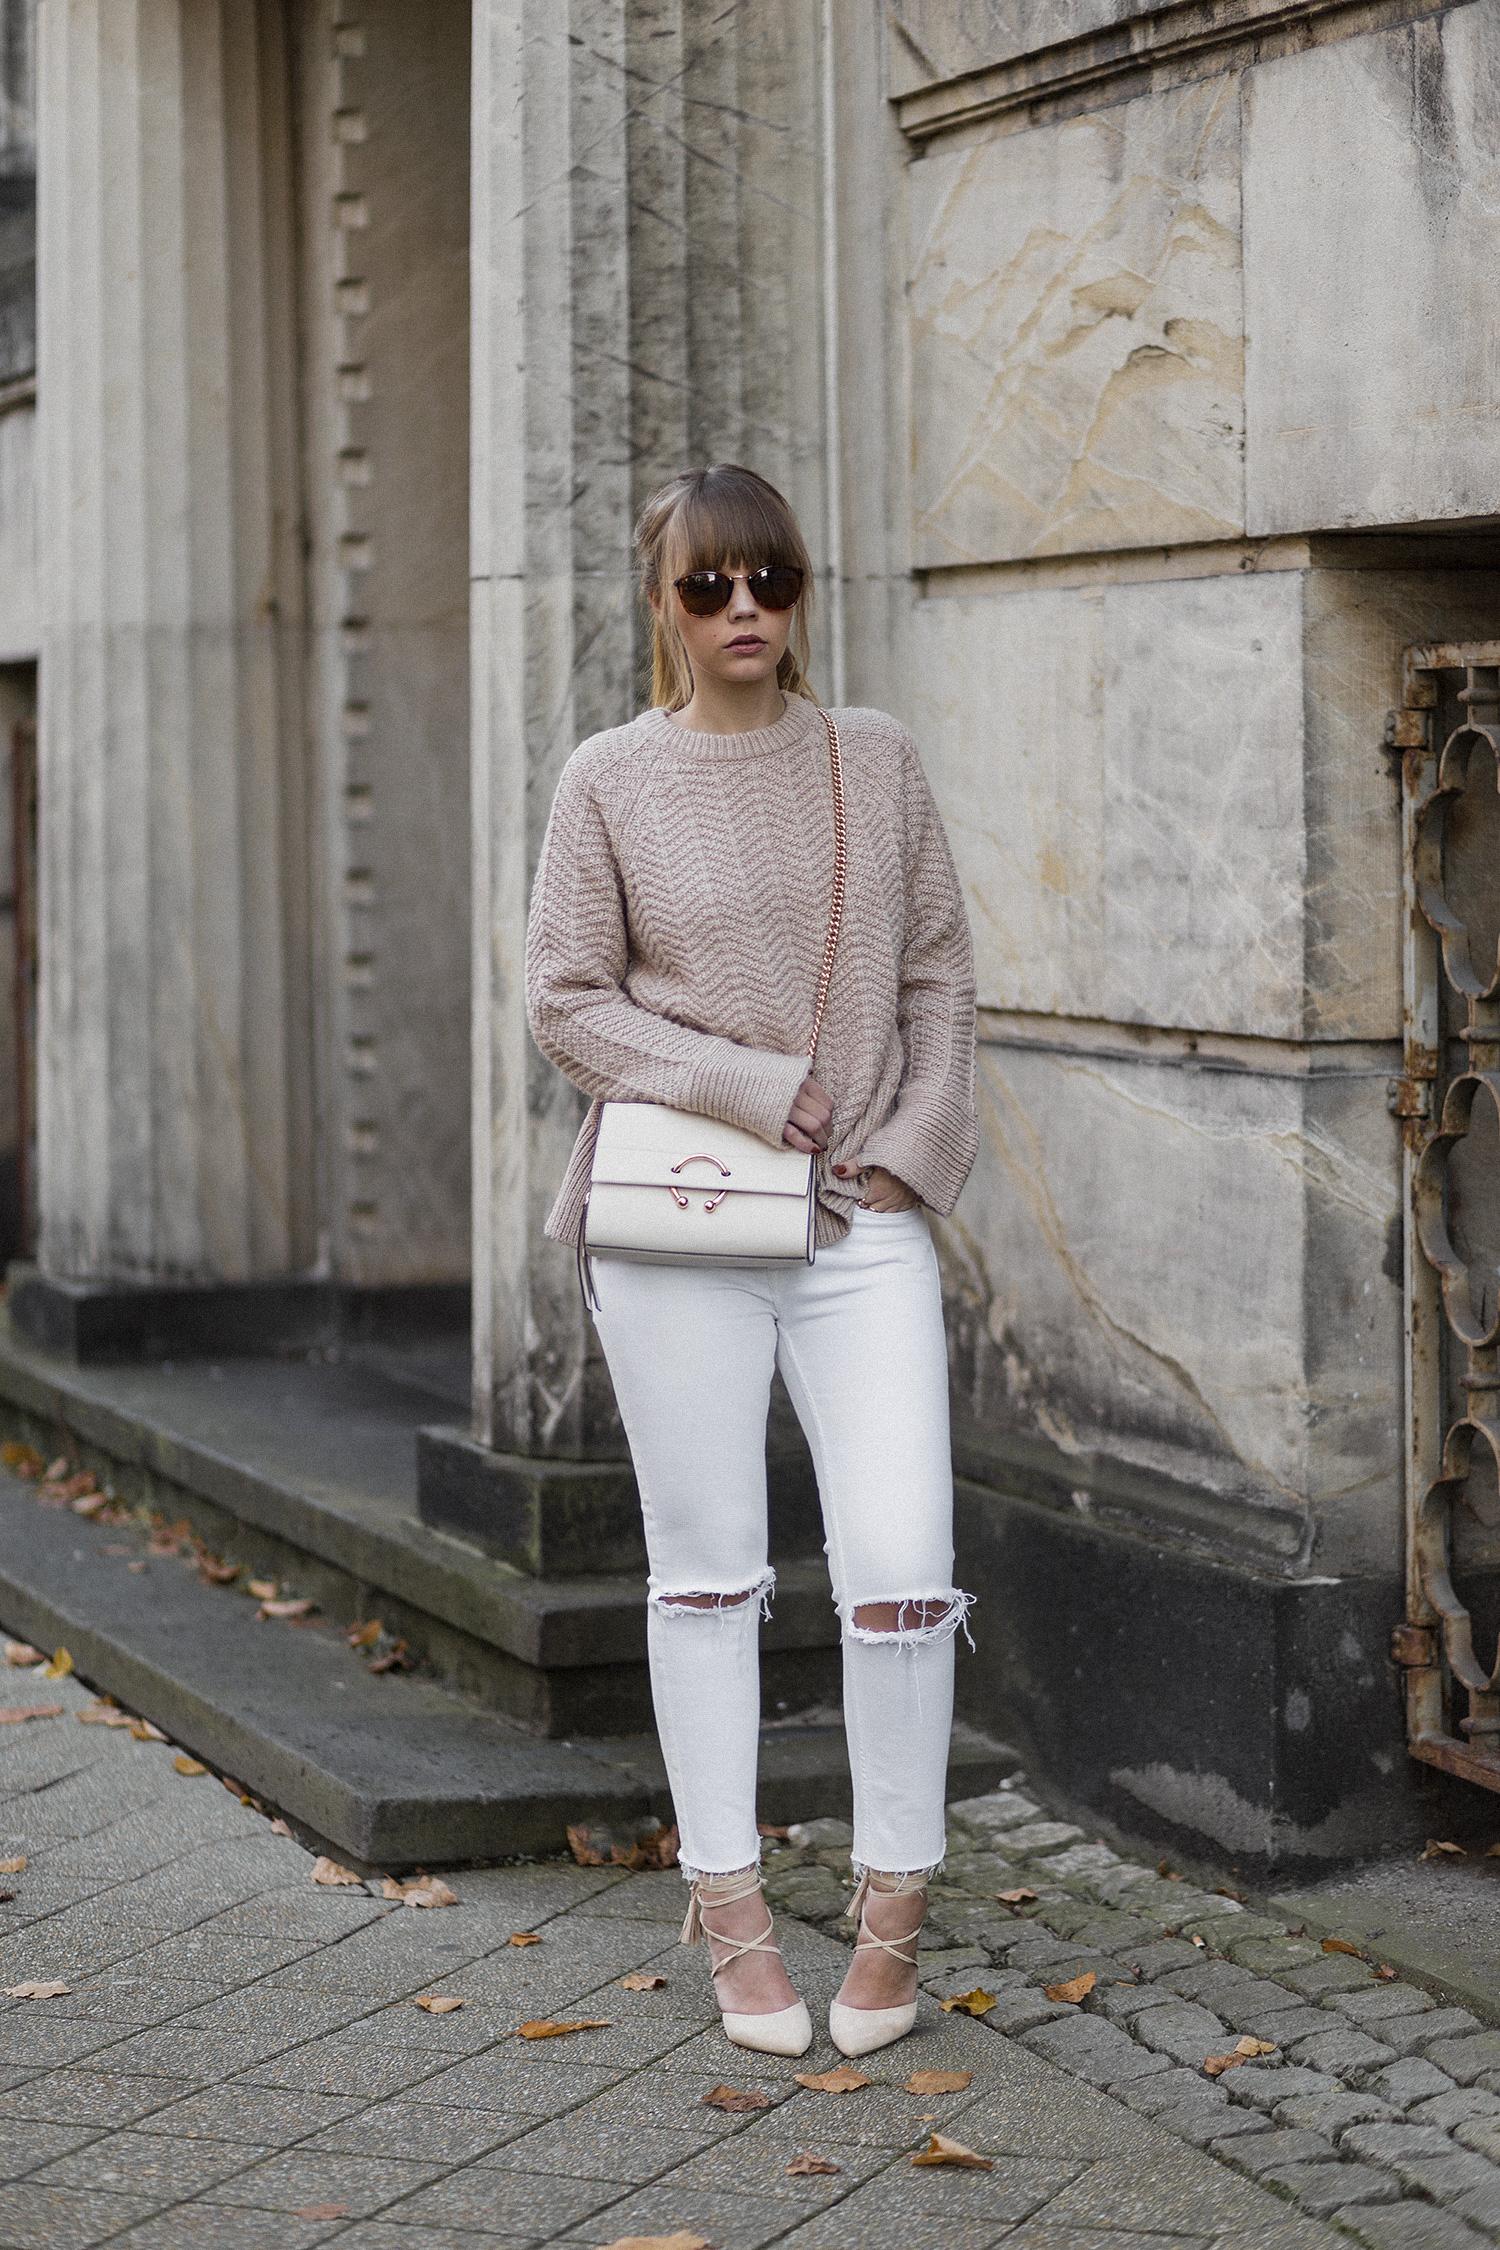 Herbstoutfit mit weißer Hose und Strickpullover, Lace Up Pumps, bezauberndenana.de